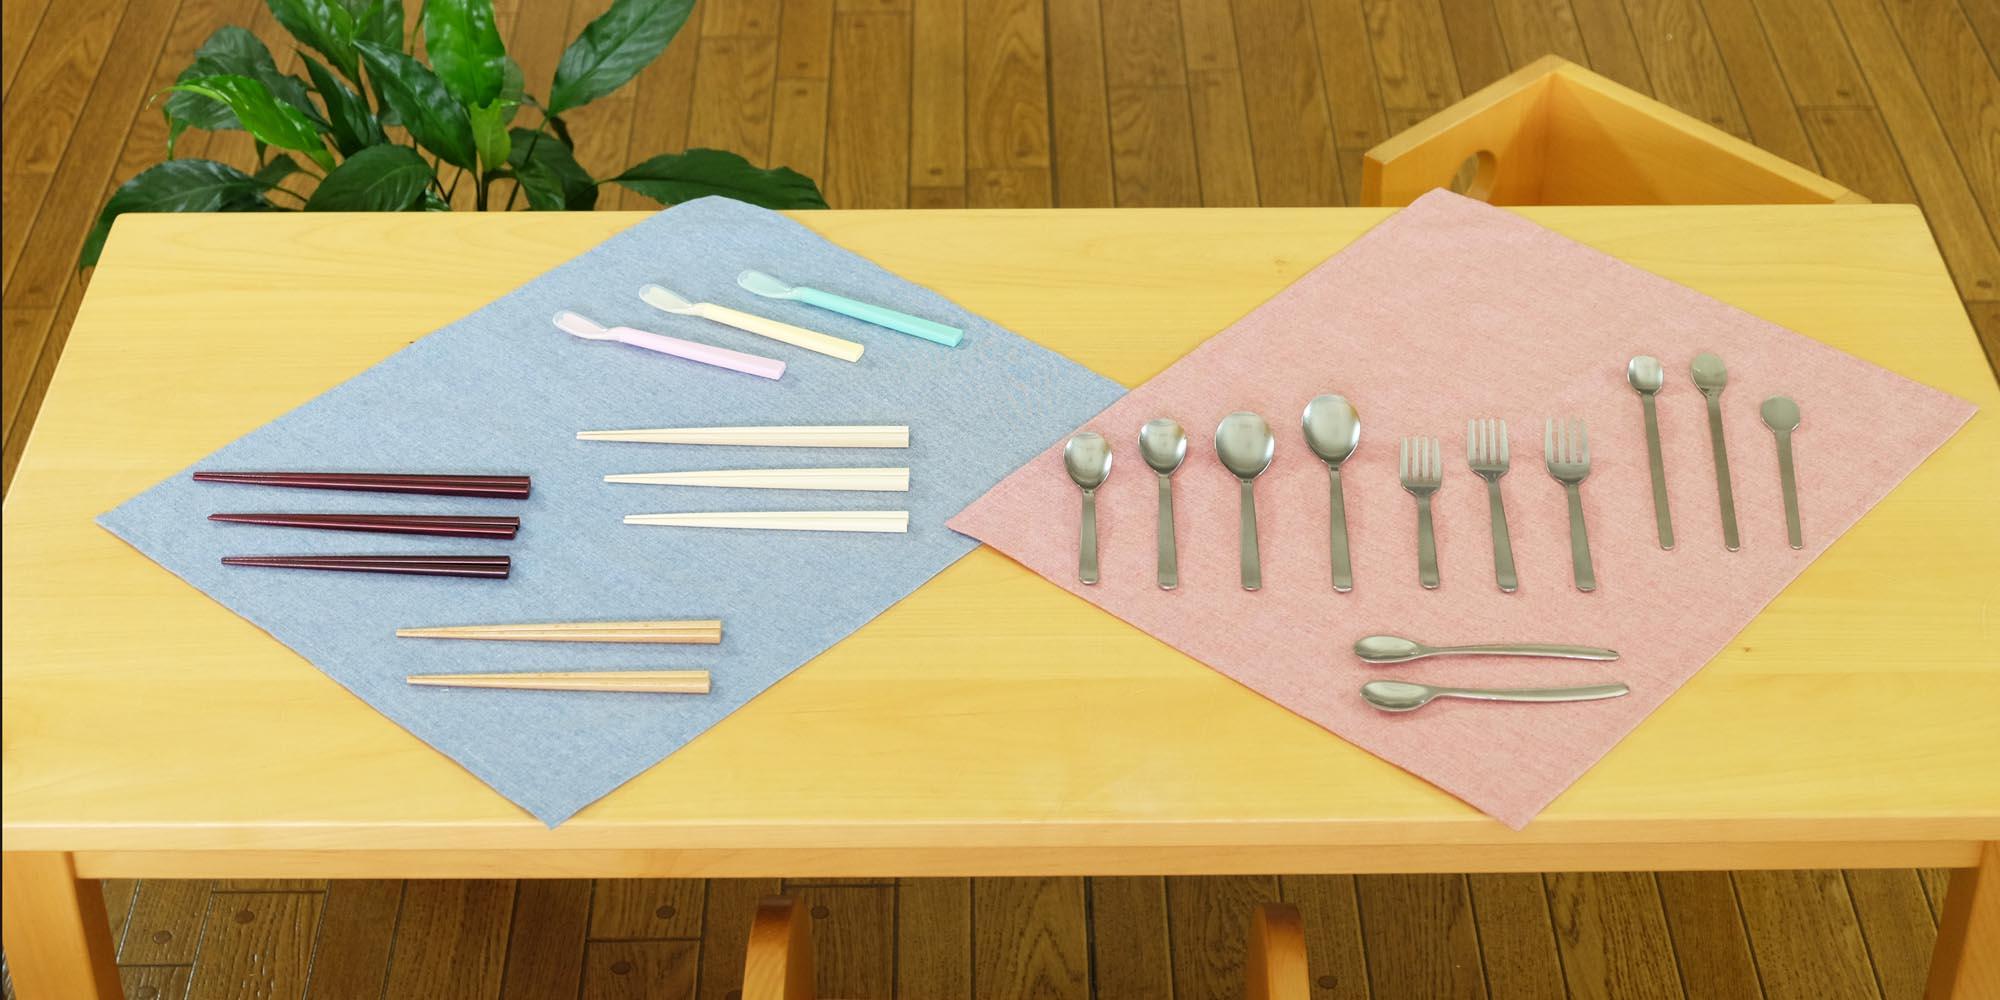 保育はし&スプーン 保育園 幼稚園のための専門会社